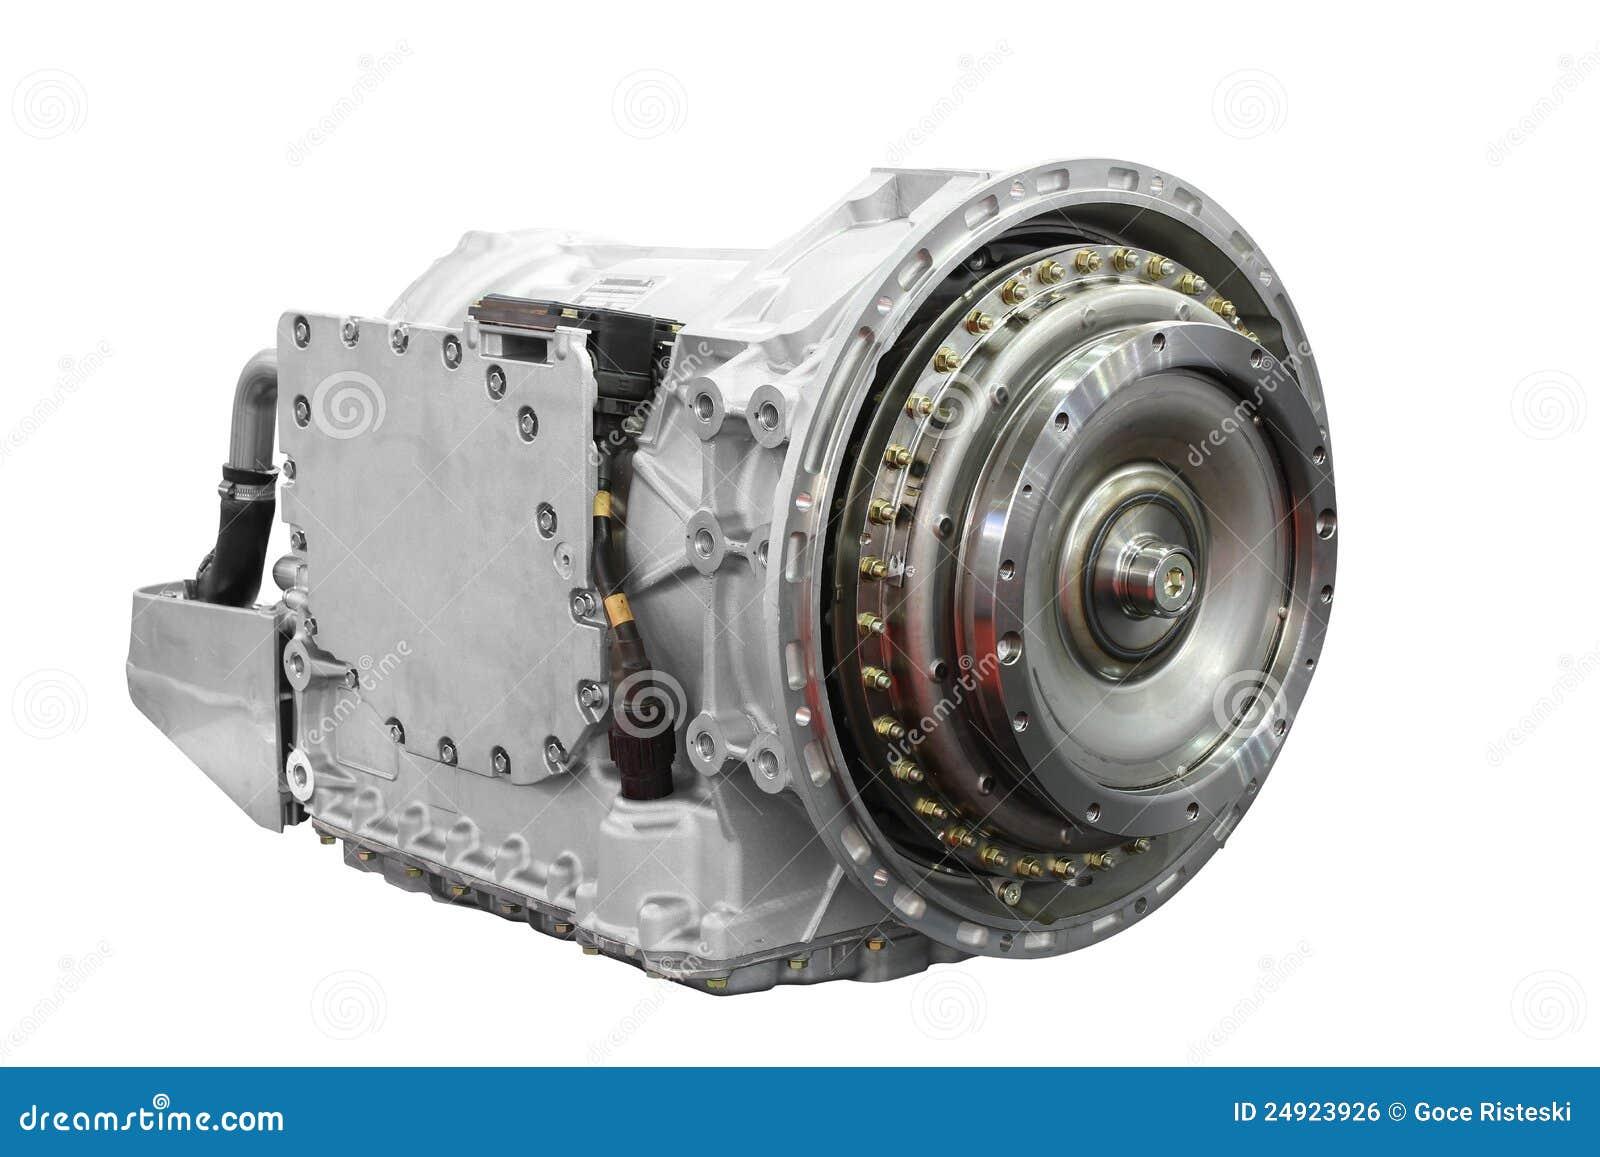 Semi Truck Transmissions : Tranny truck